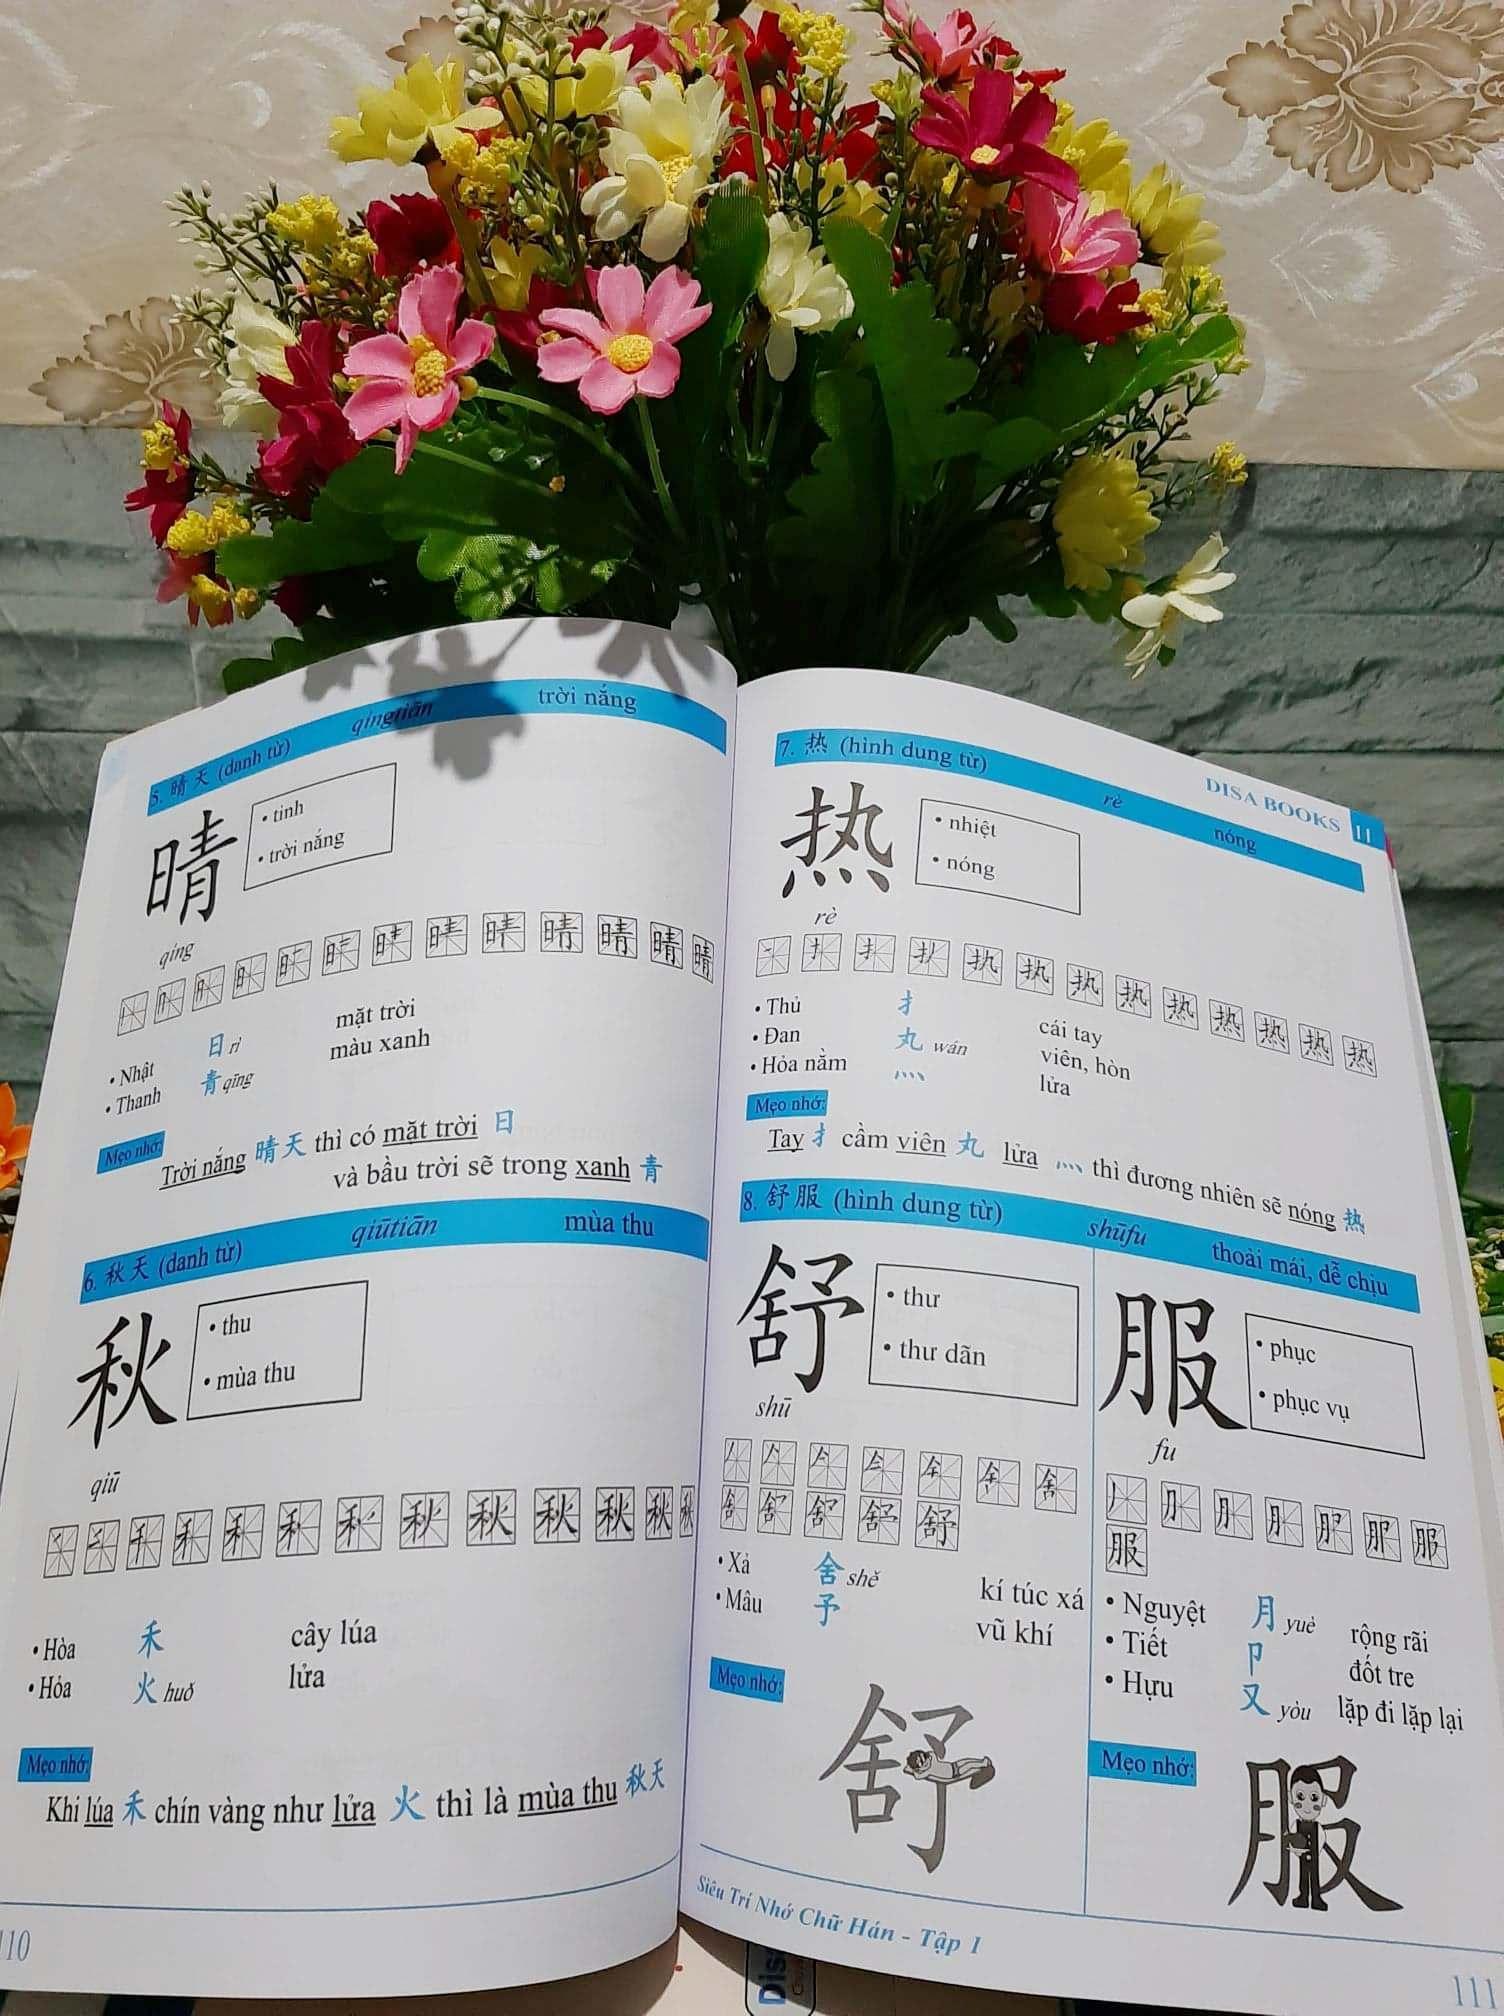 Combo 3 quyển phân tích chữ Hán, nhớ hán tự thông qua chiết tự mỗi chữ Hán là 1 câu chuyện hắc não nhớ nhanh chữ Hán - 5